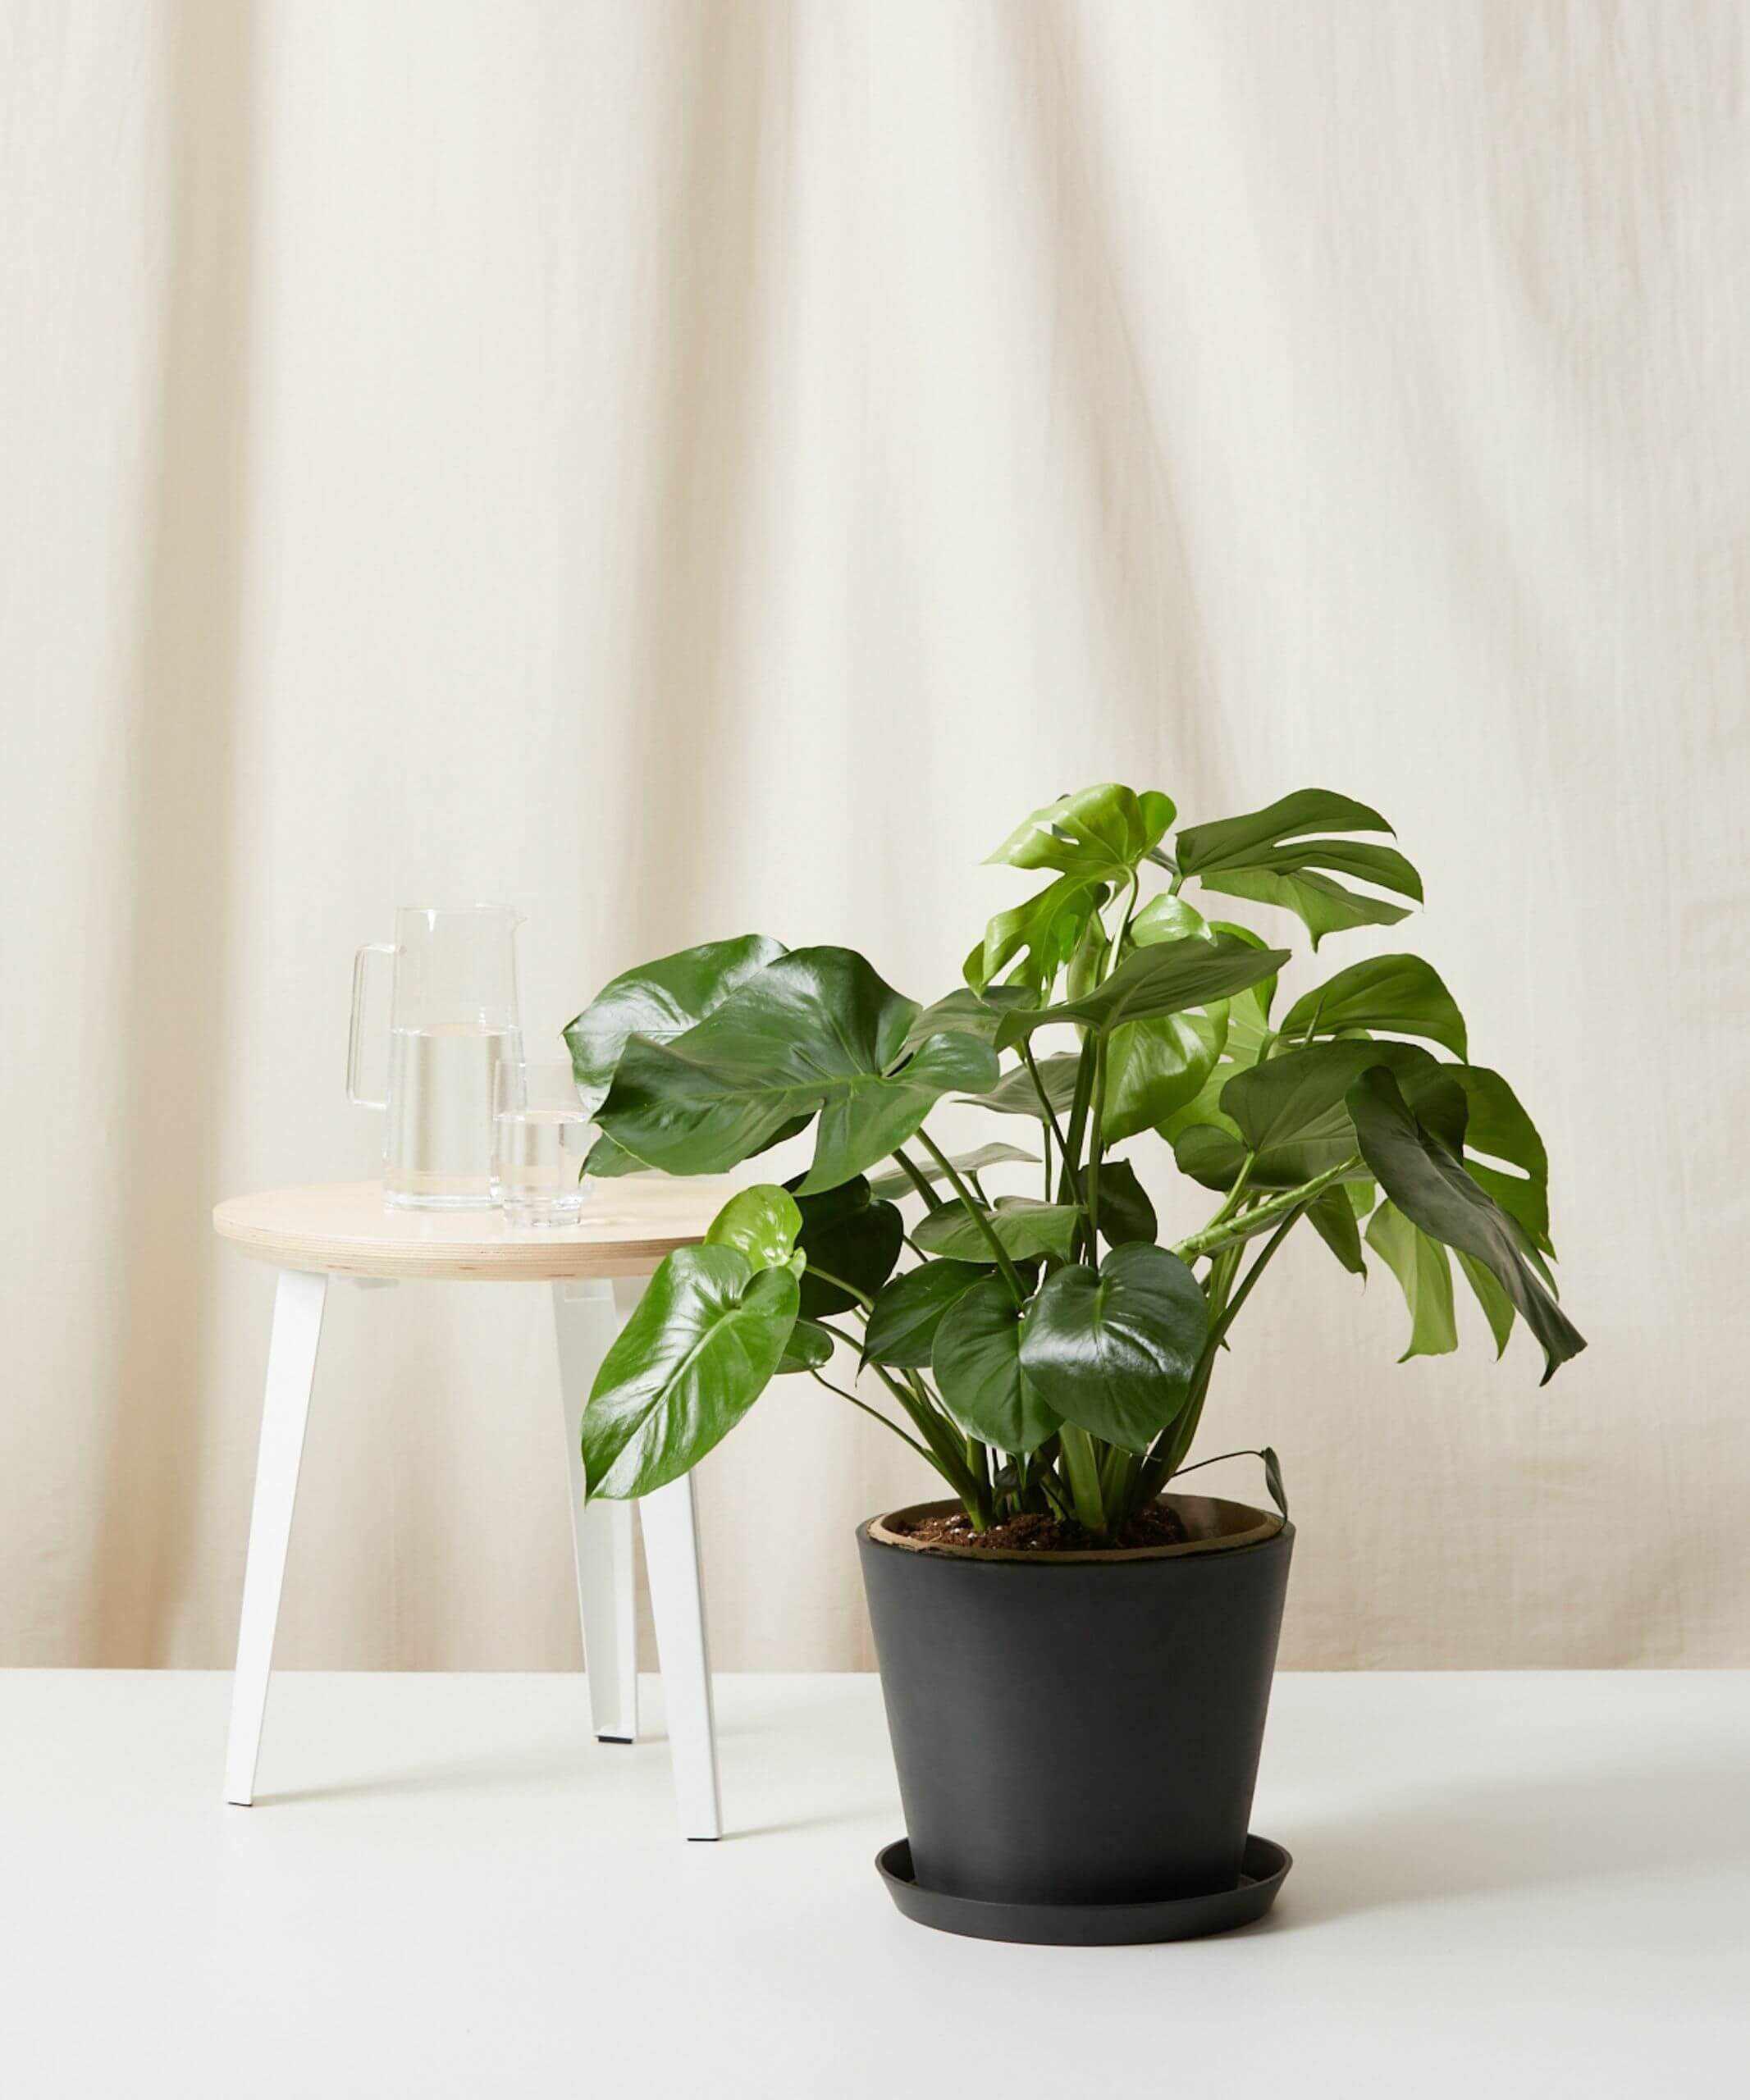 Monstera plant in black pot